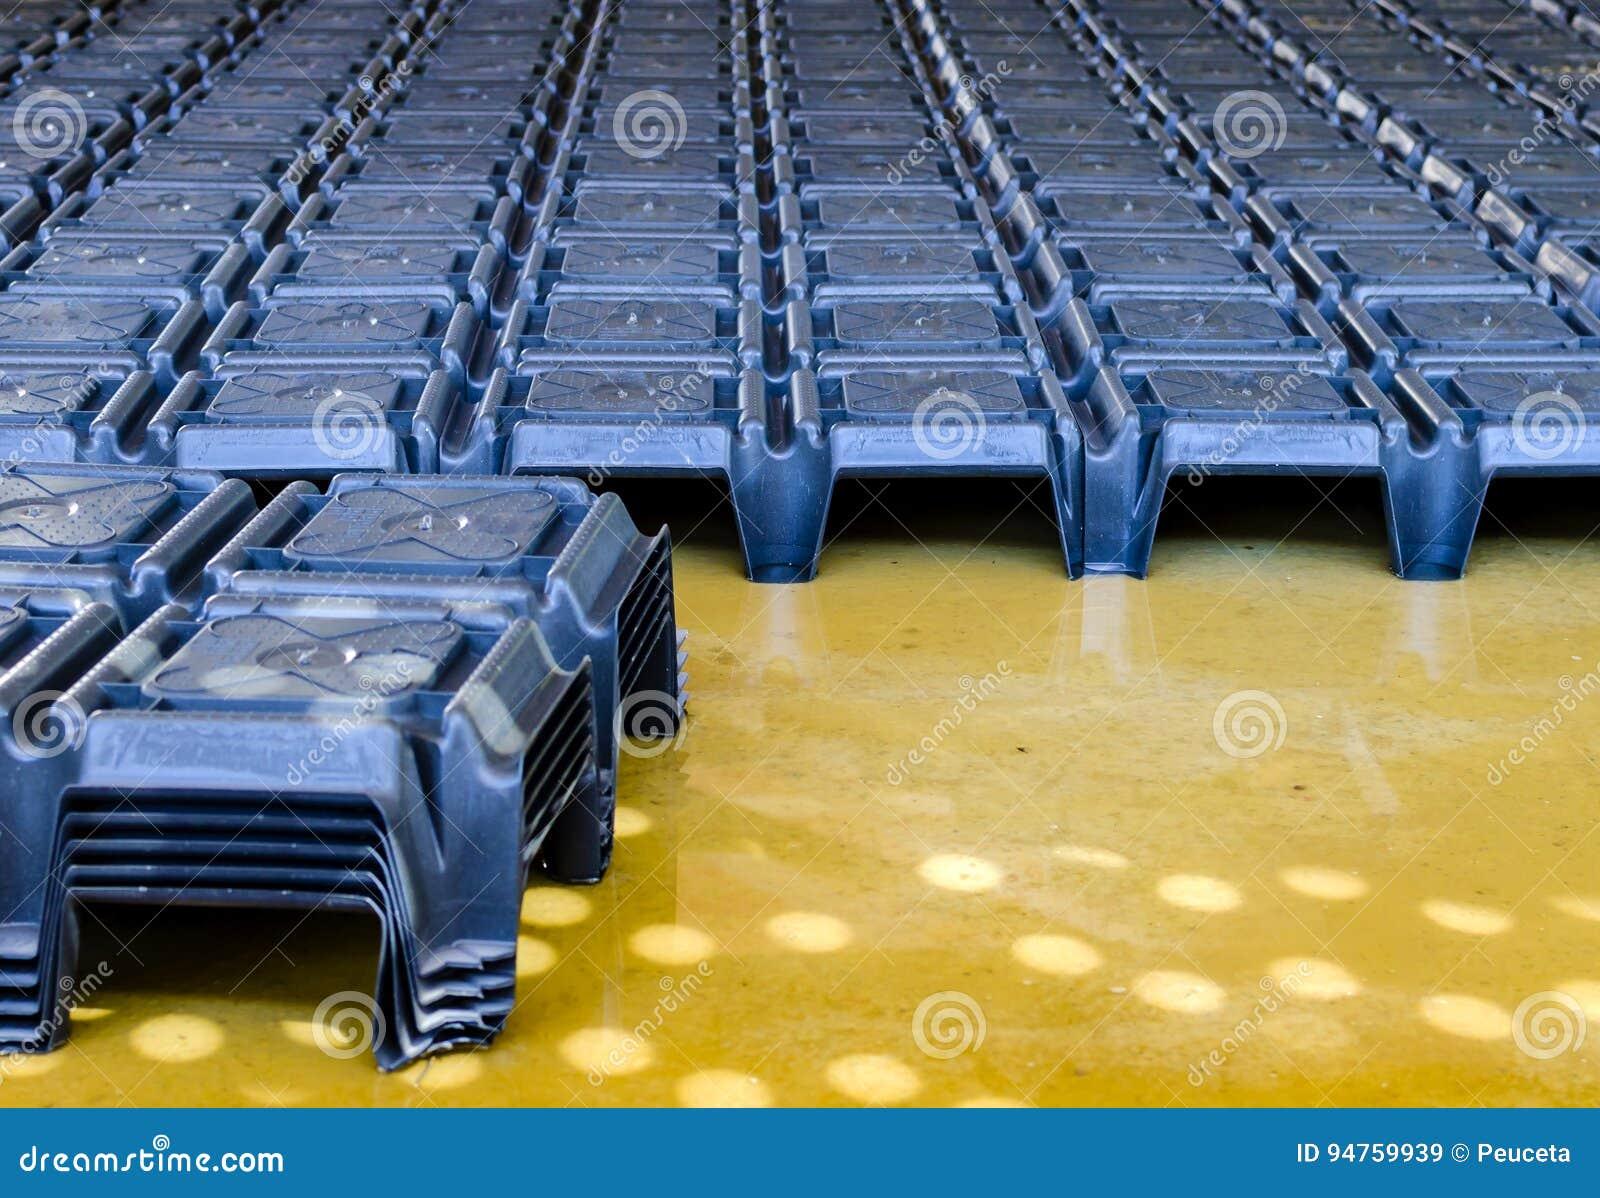 Bekisting voor geventileerde holten onder de vloer